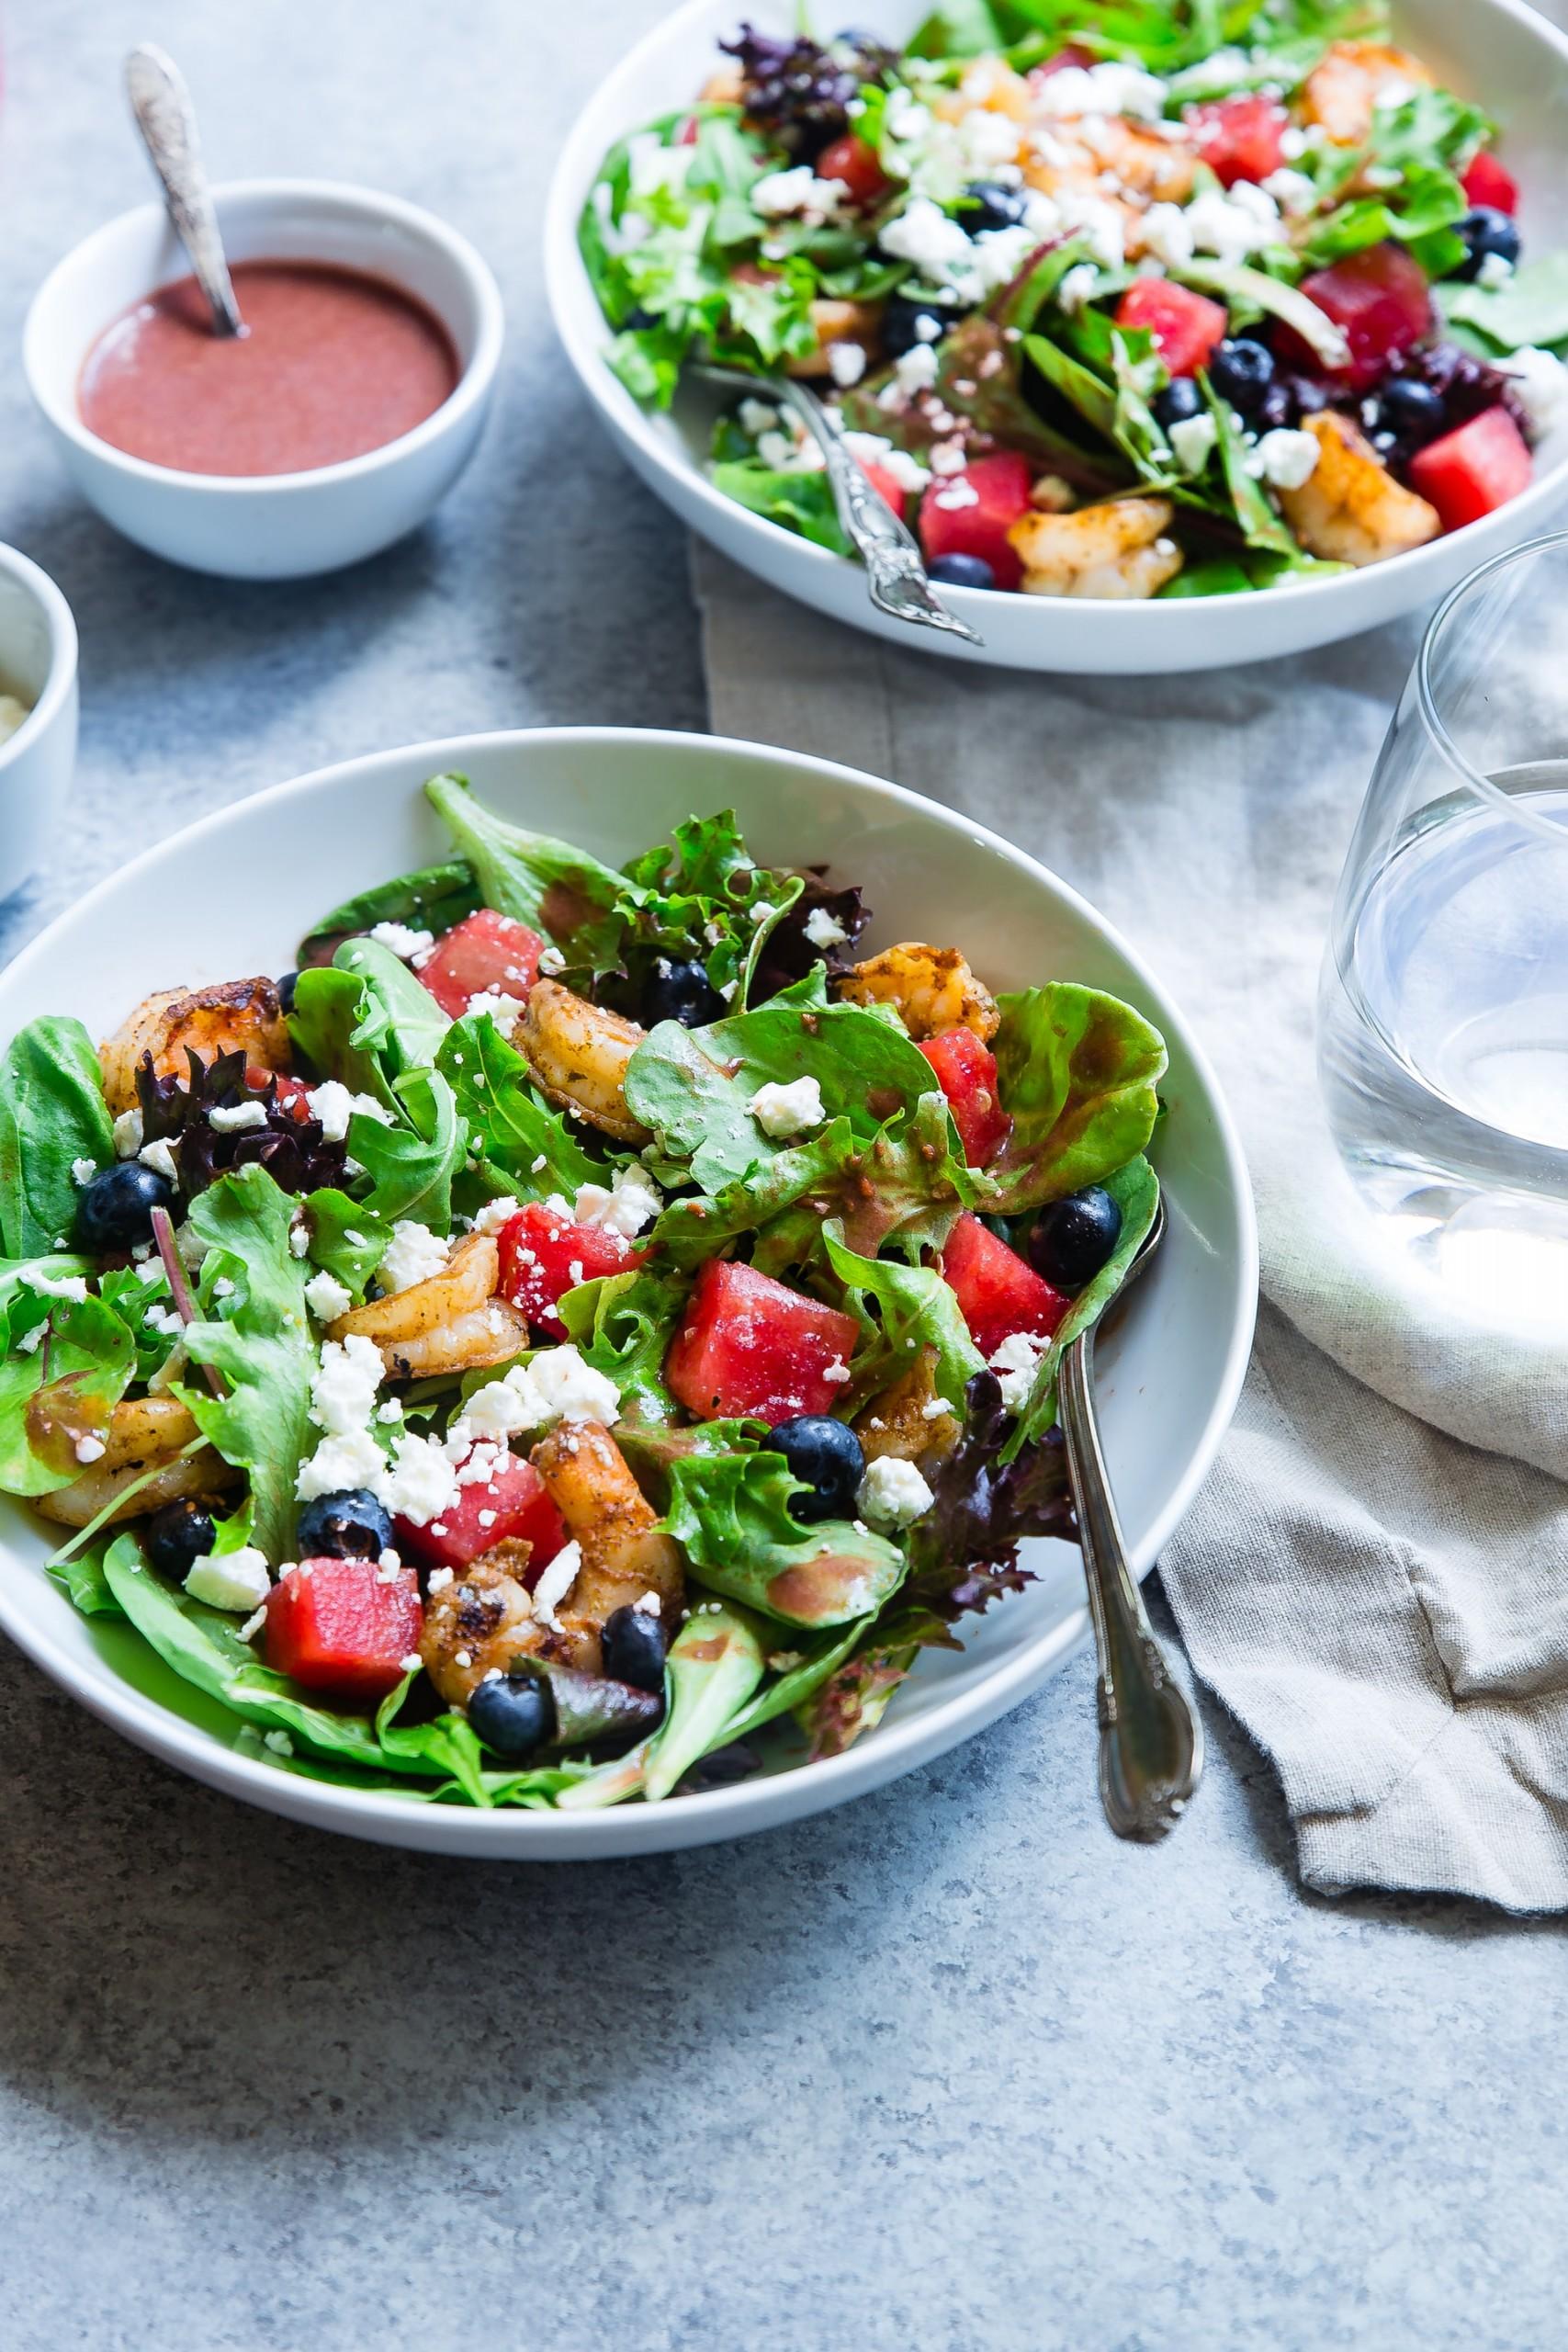 Intervallfasten mit Umsicht zur besseren Ernährung